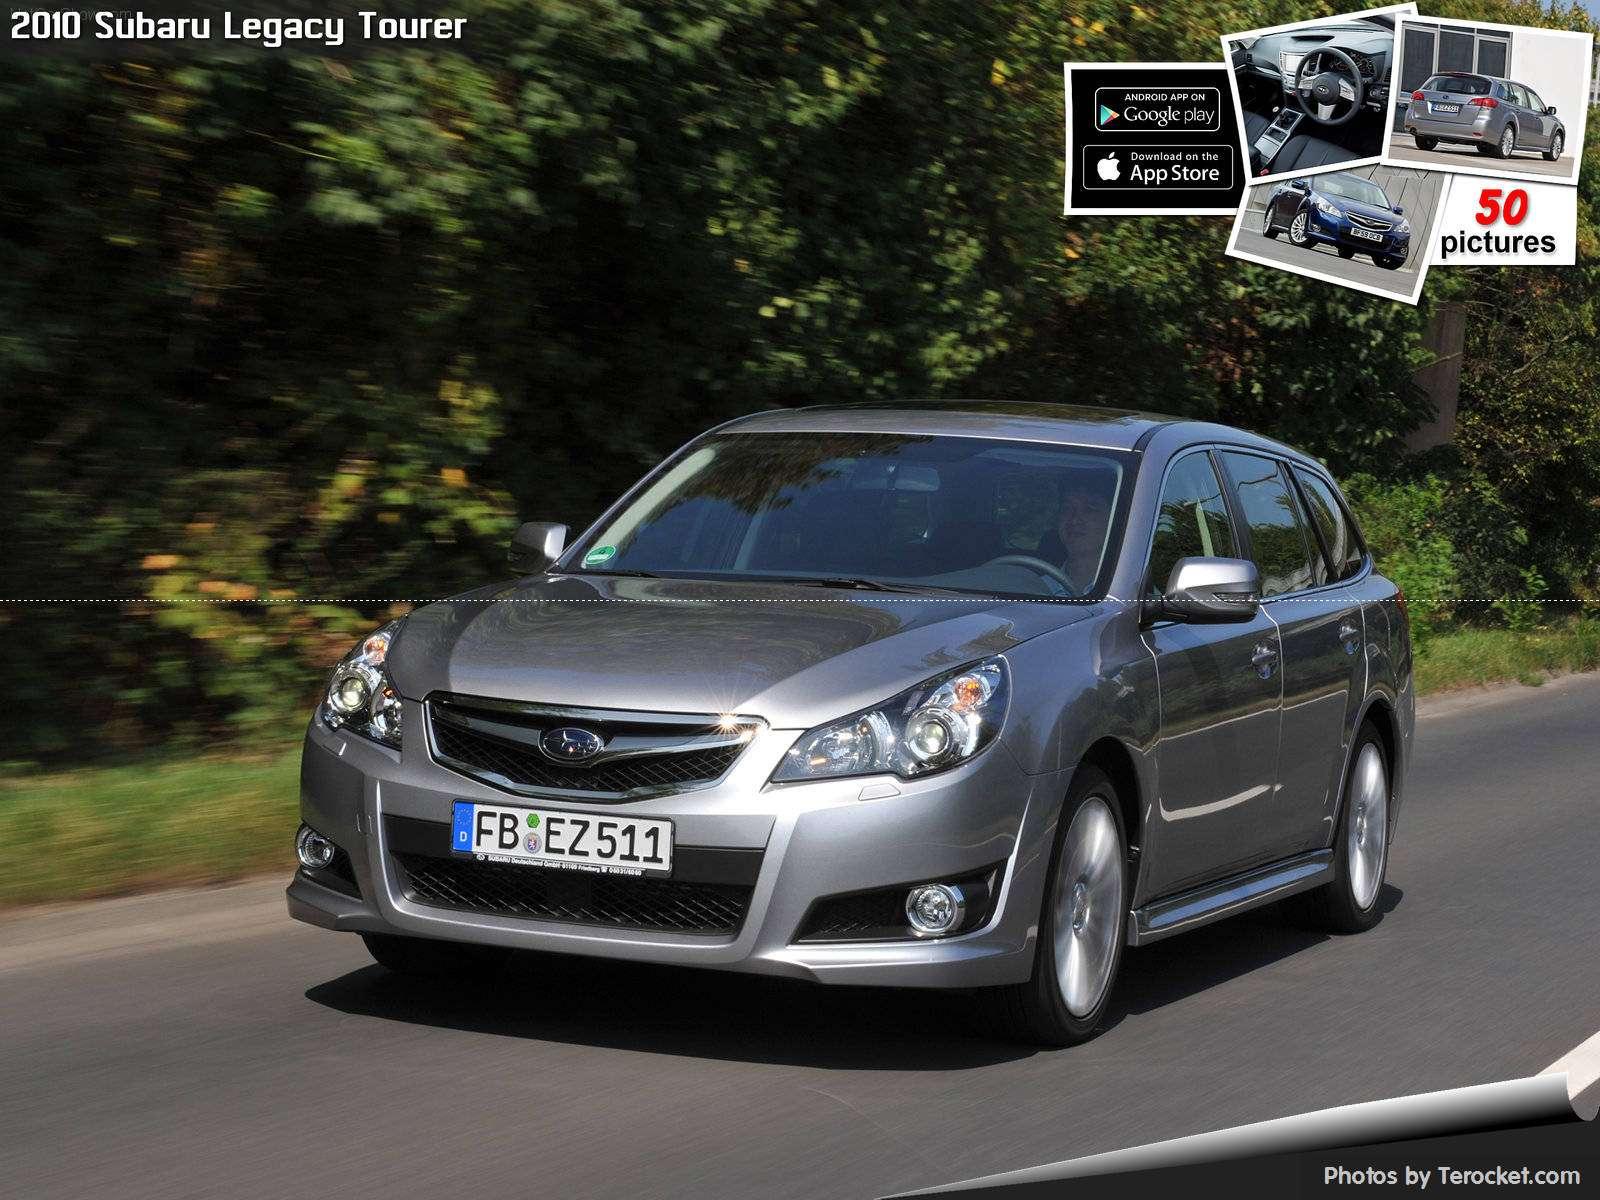 Hình ảnh xe ô tô Subaru Legacy Tourer 2010 & nội ngoại thất